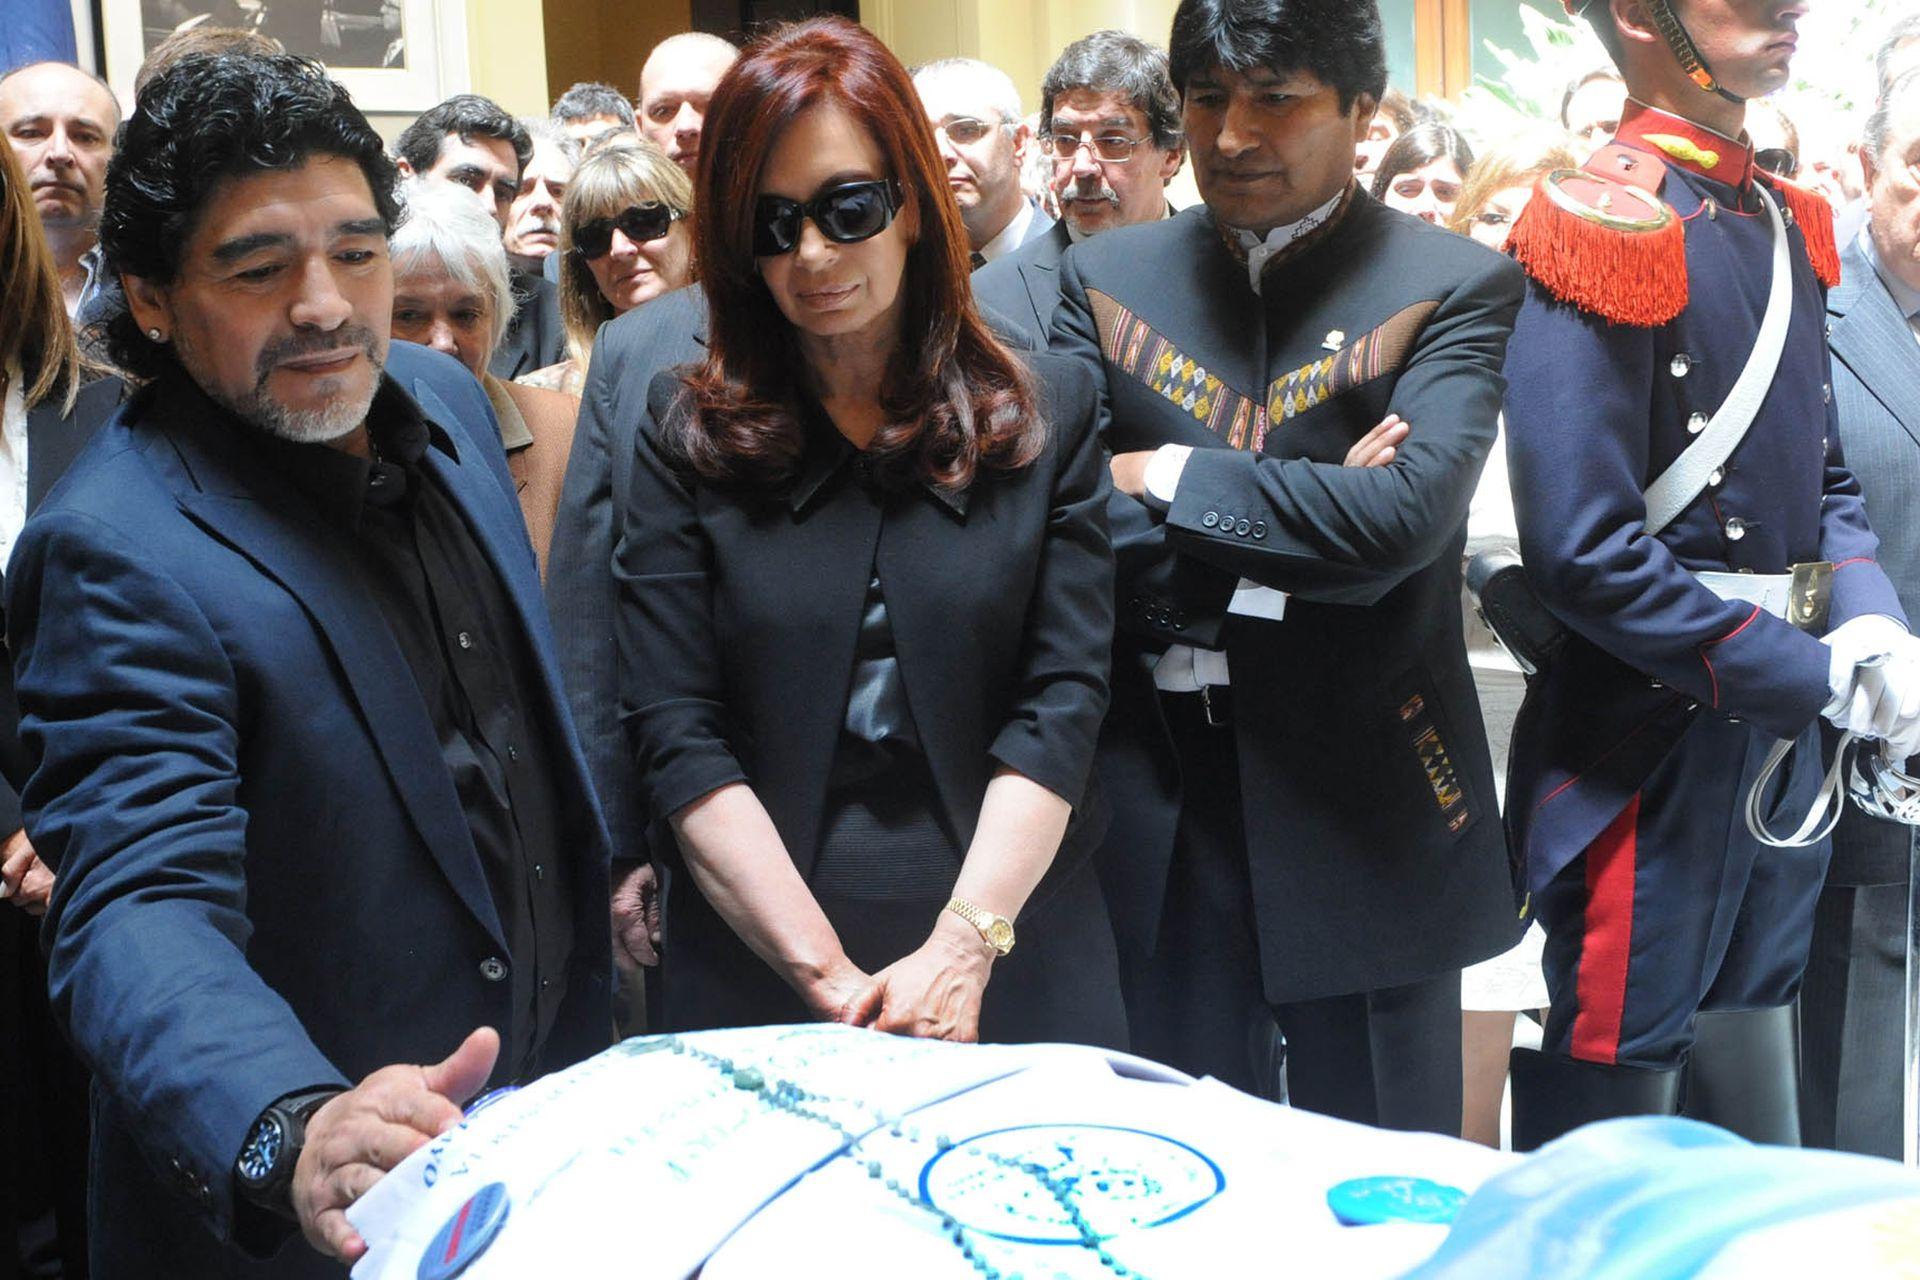 Diego Maradona y Evo Morales, junto a Cristina Kirchner, en la despedida de los restos del expresidente Néstor Kirchner